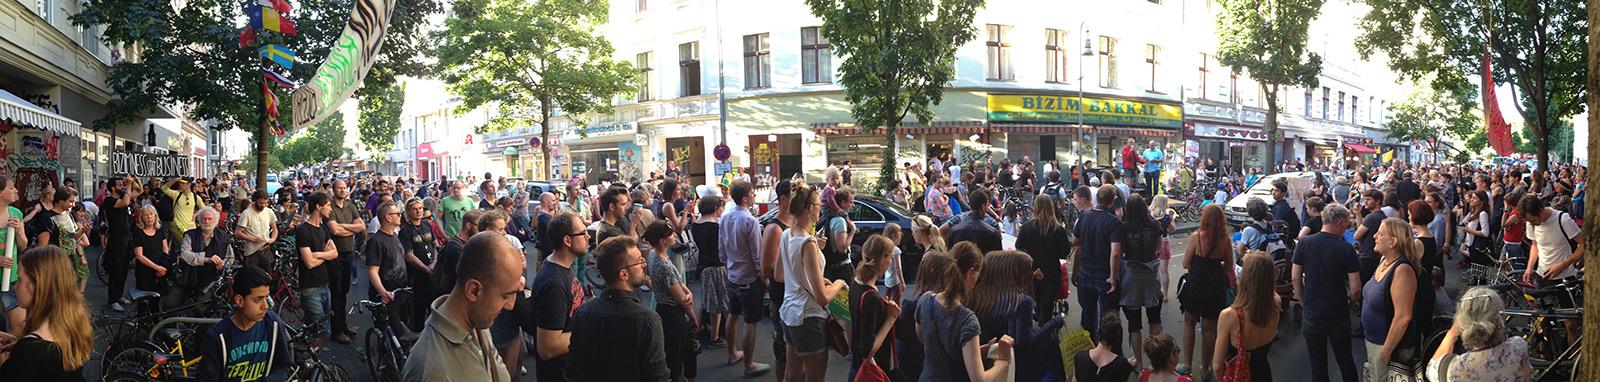 6. Bizim Kiez Versammlung am 1. Juli. Hunderte Menschen beteiligen sich beim Forum und hören die Soli-Lesung (mehr Fotos bei Klick aufs Bild)